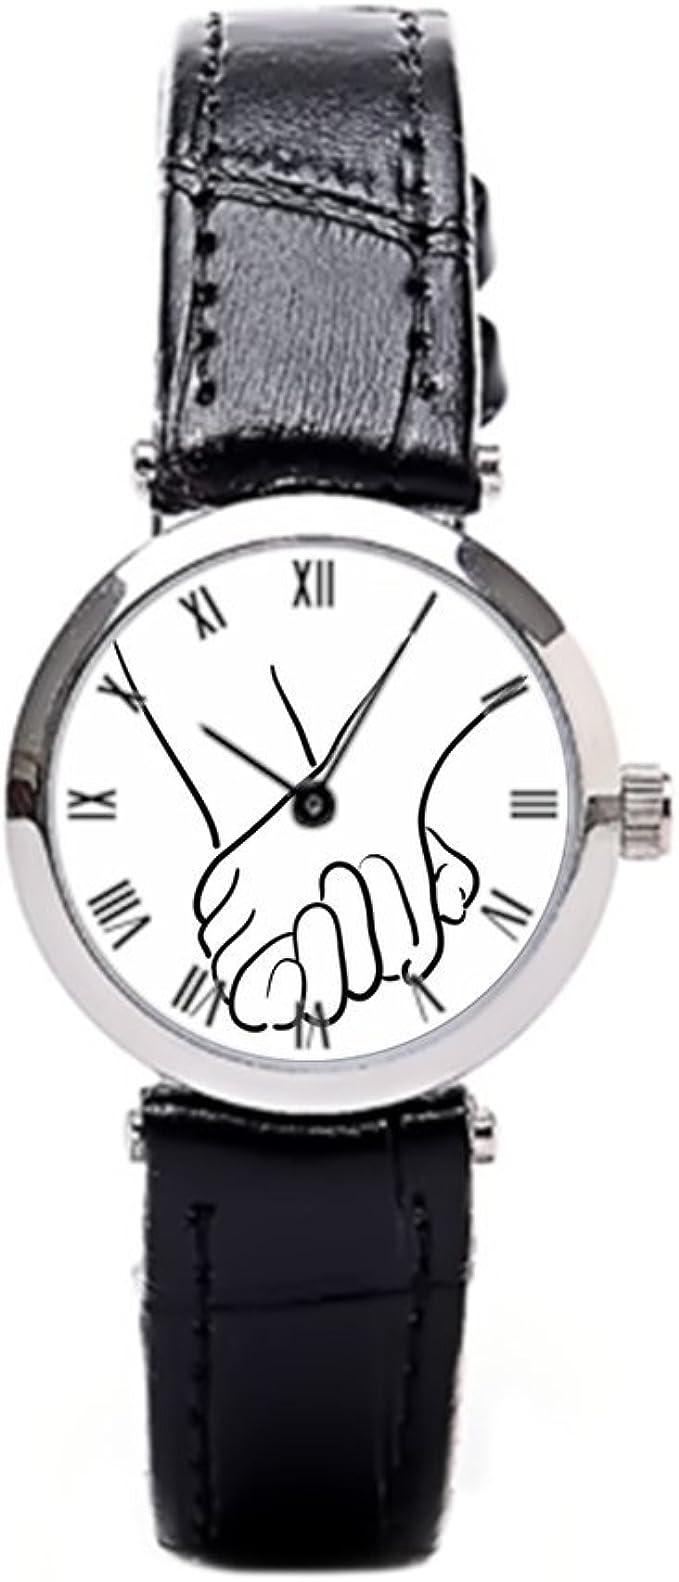 papibaby – Estuche para relojes Romance barato de cuero relojes: Amazon.es: Relojes